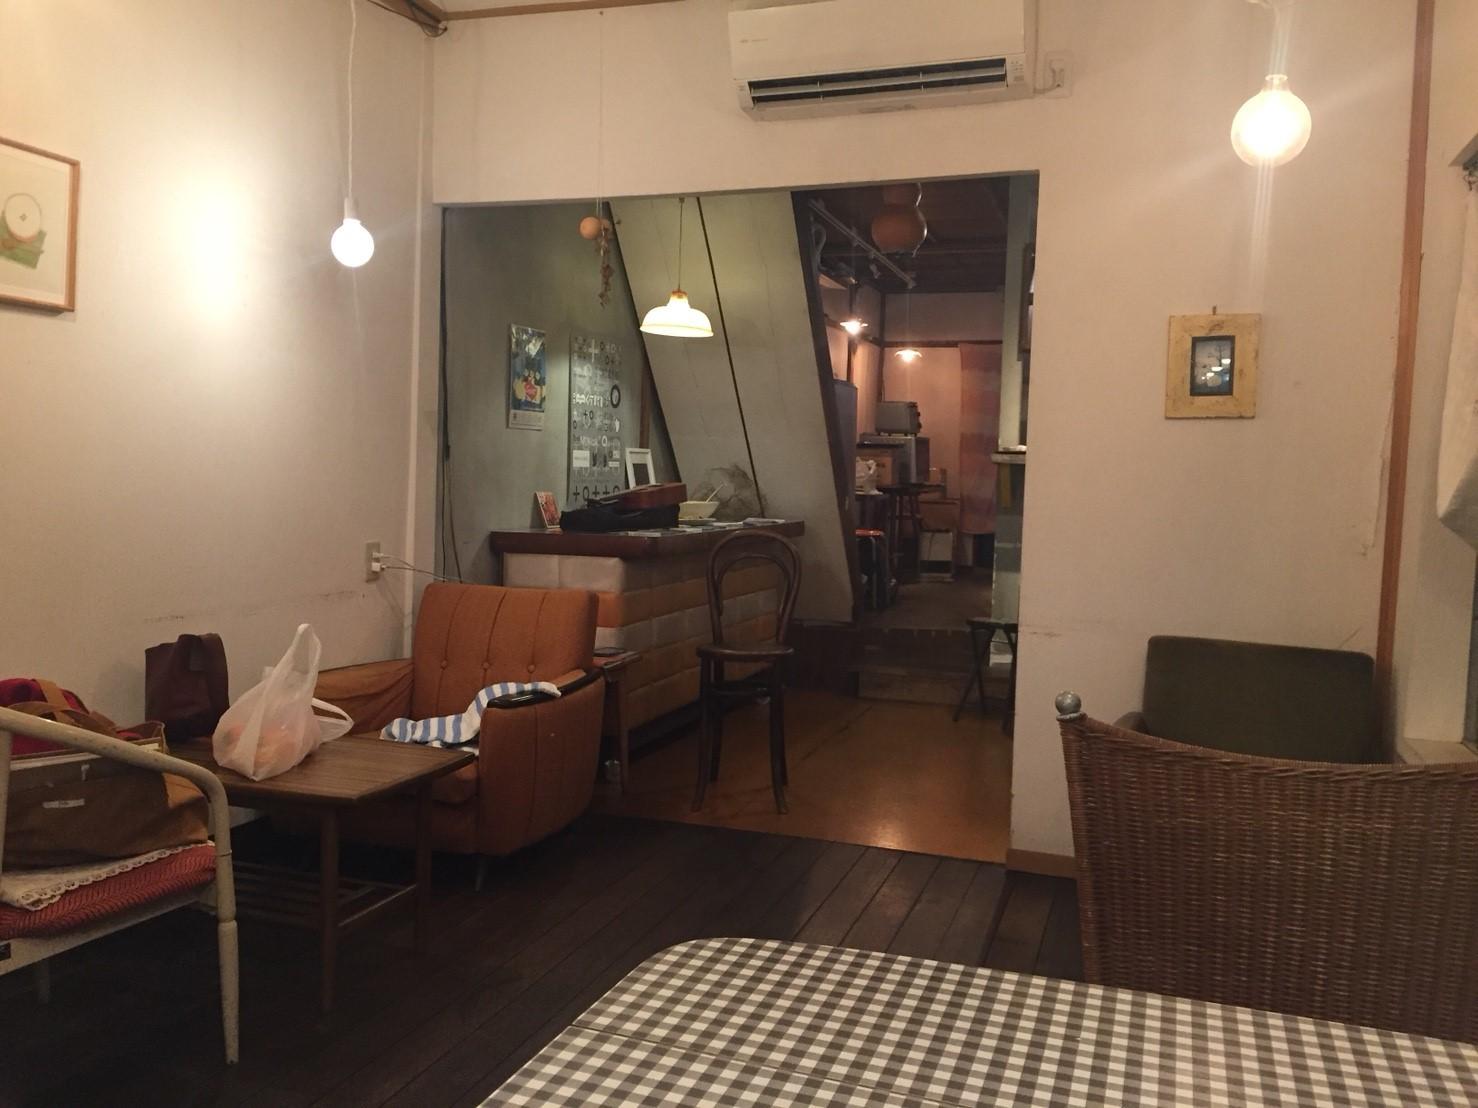 Tottoriカルマ まるなげ食堂 カレー_e0115904_01462720.jpg